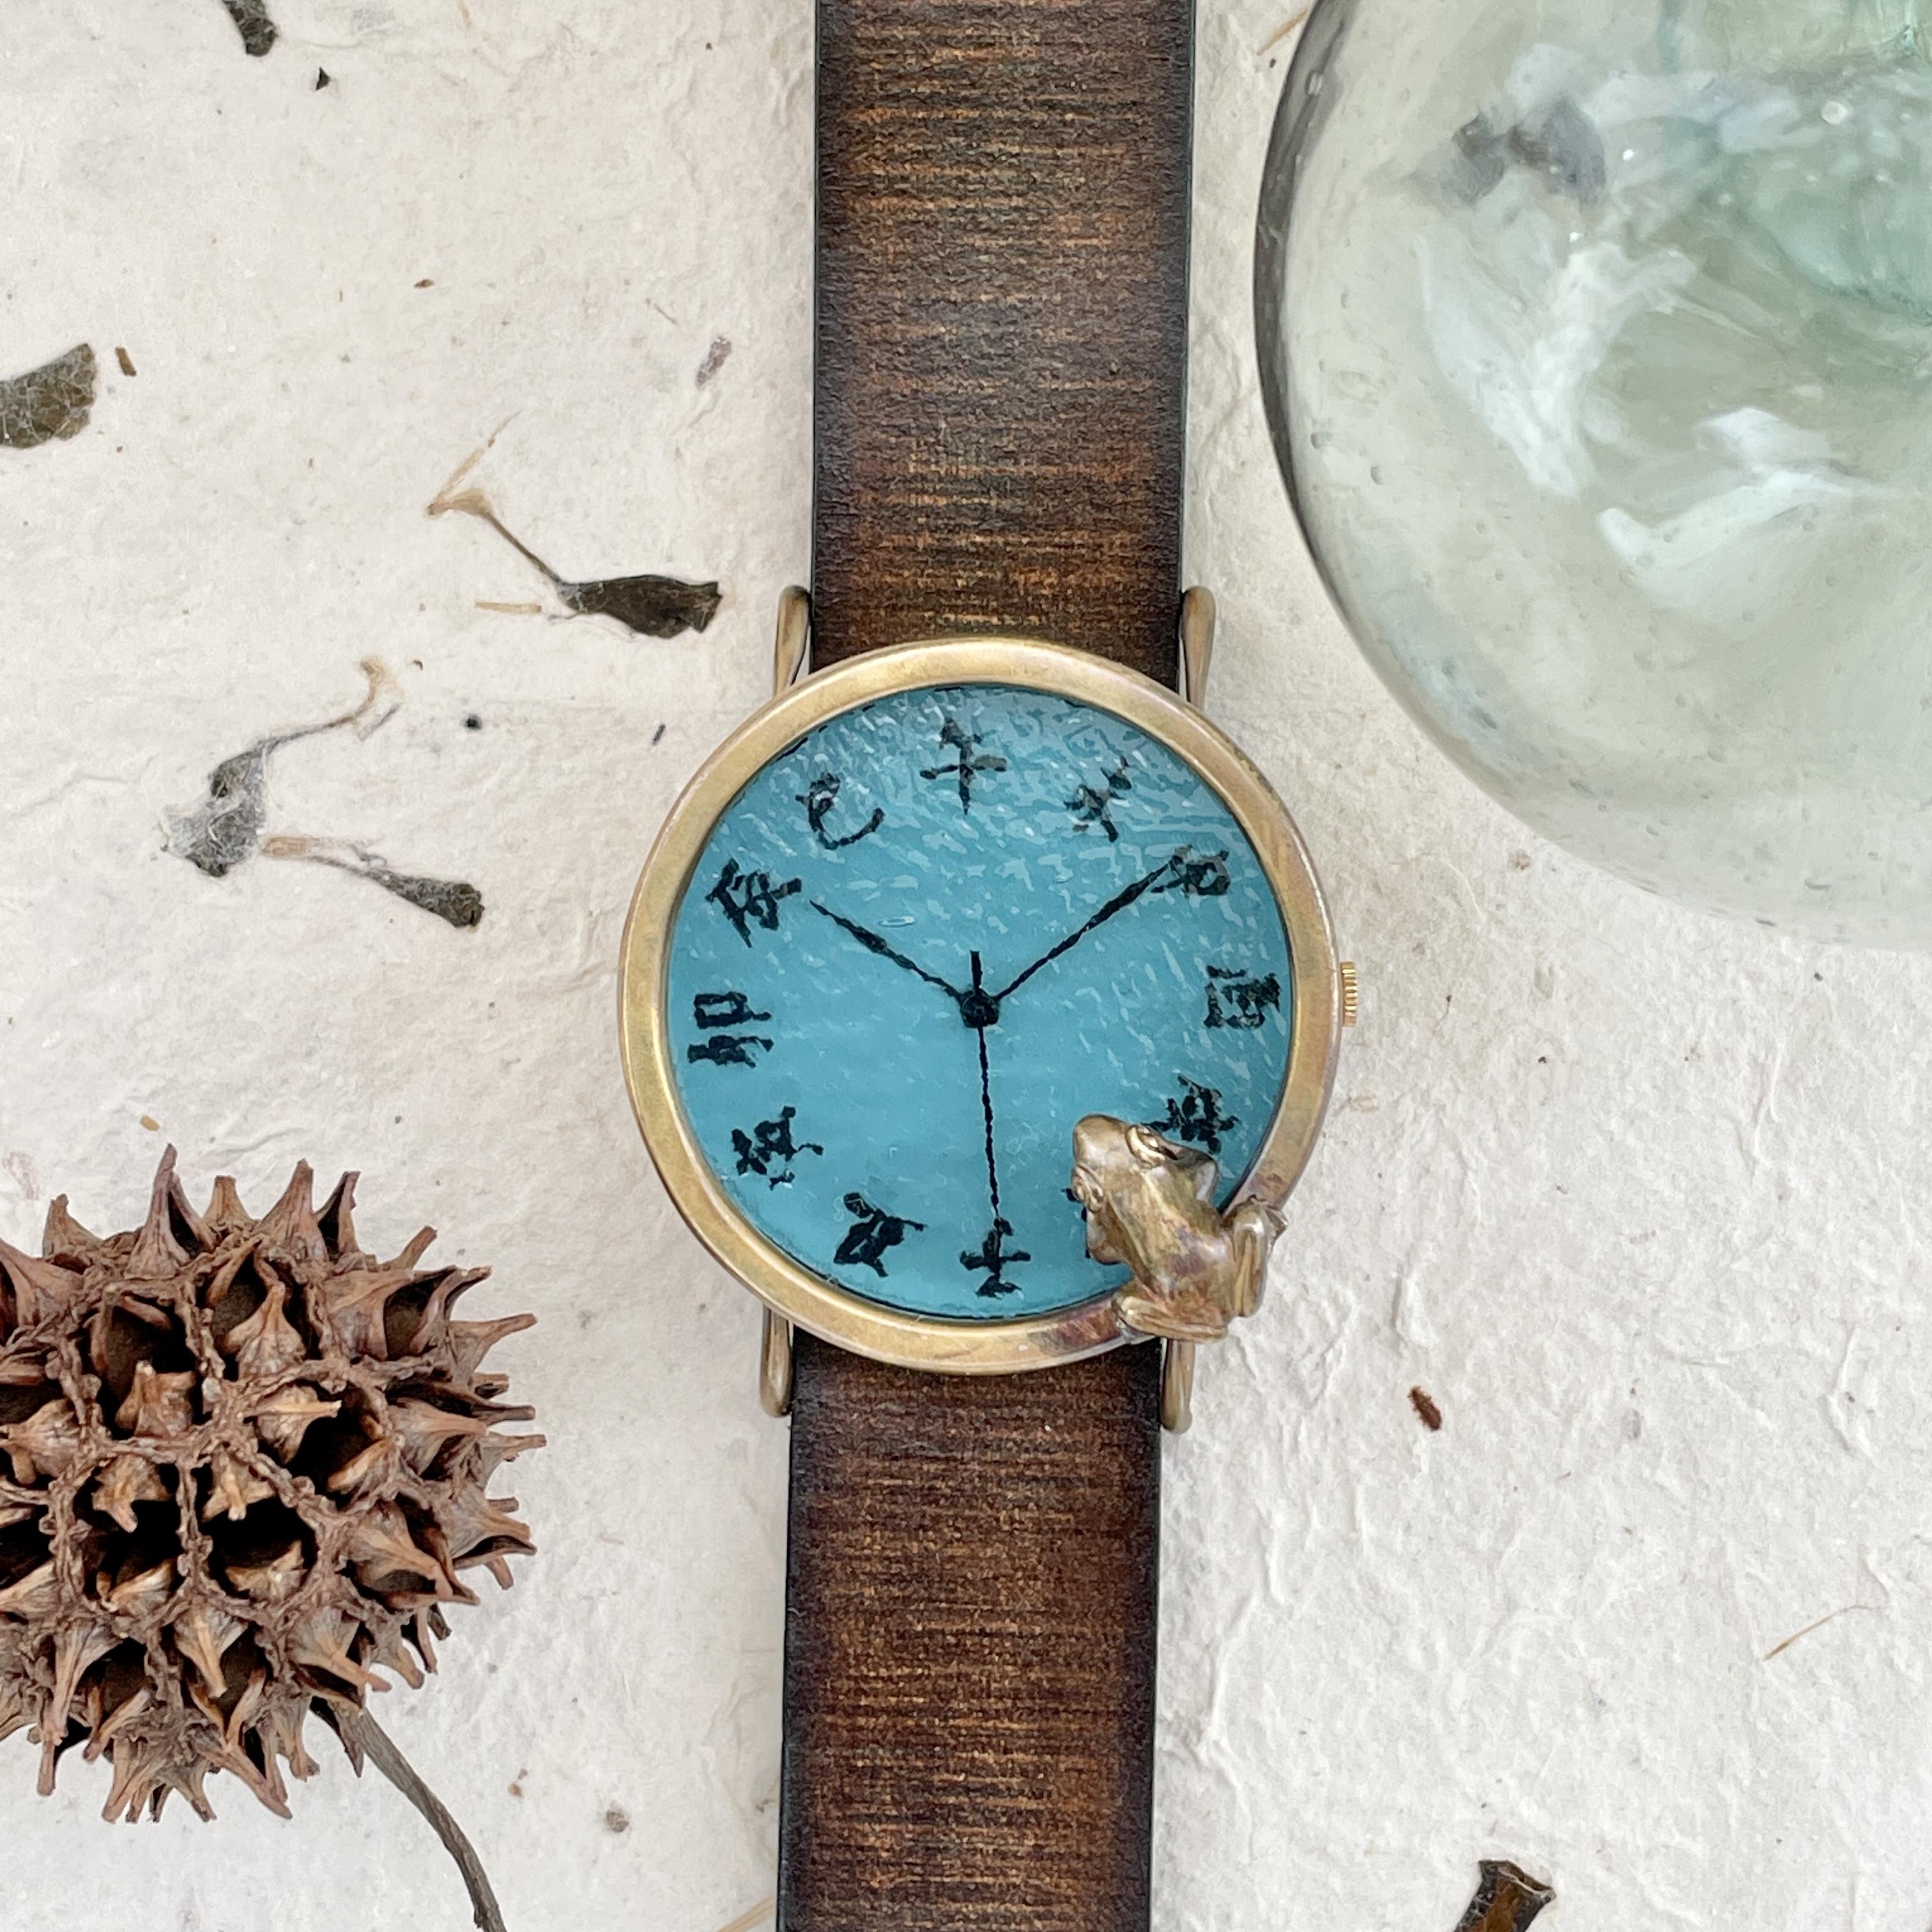 池をのぞく蛙腕時計L渋青緑